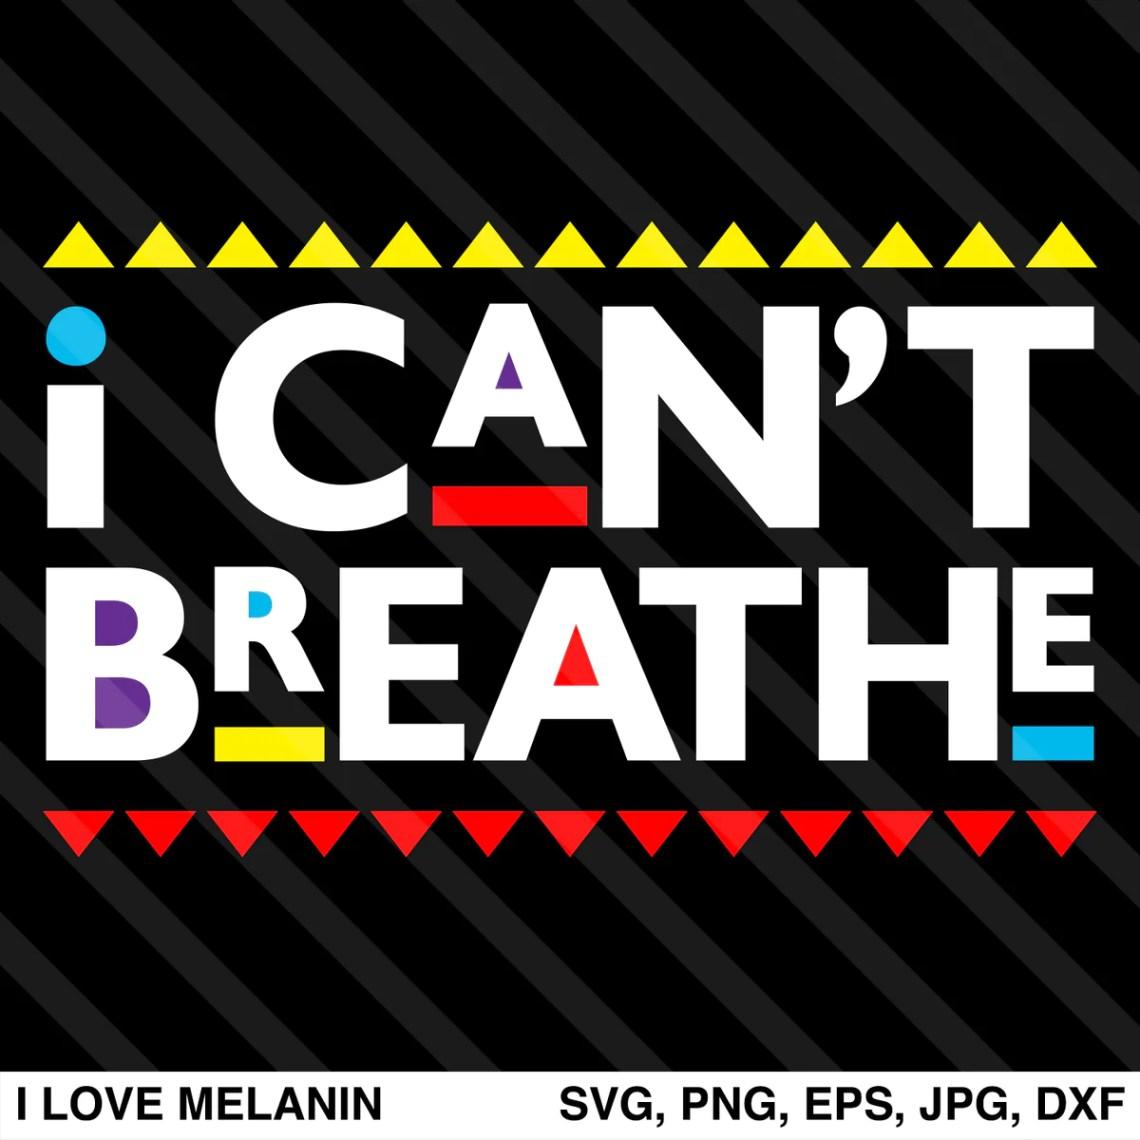 Download I Can't Breathe SVG - I Love Melanin